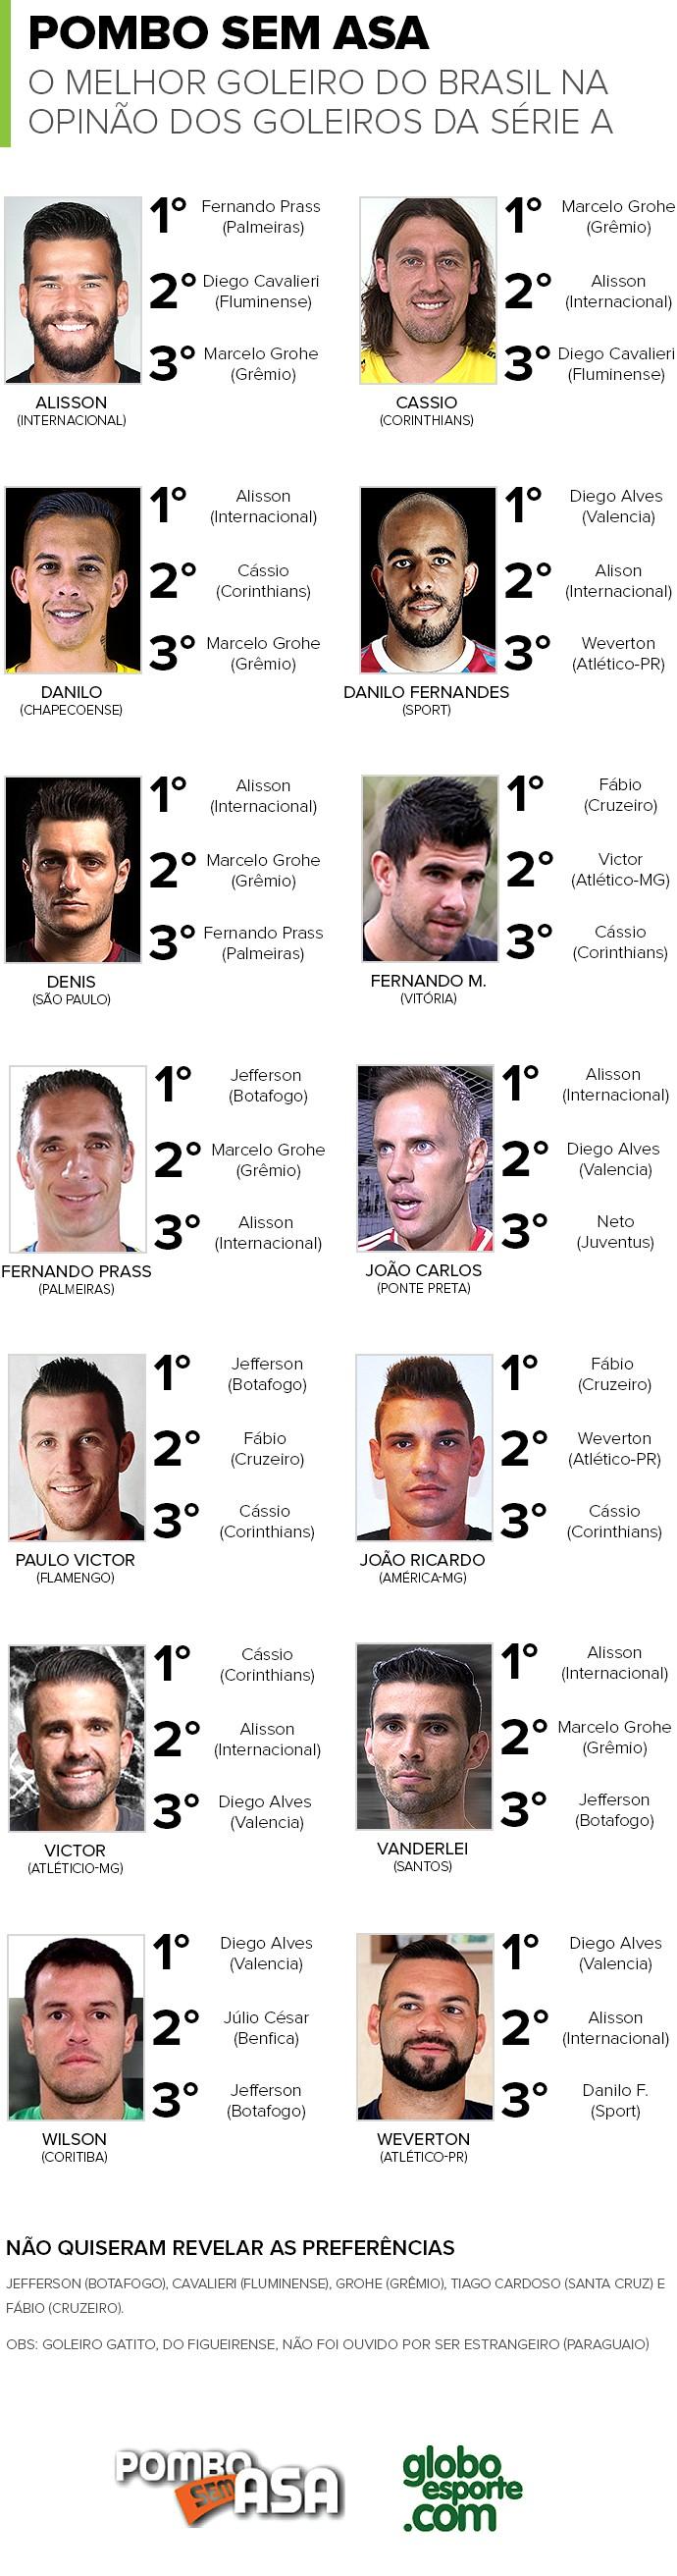 Os Melhores Goleiros do Brasil - Voto